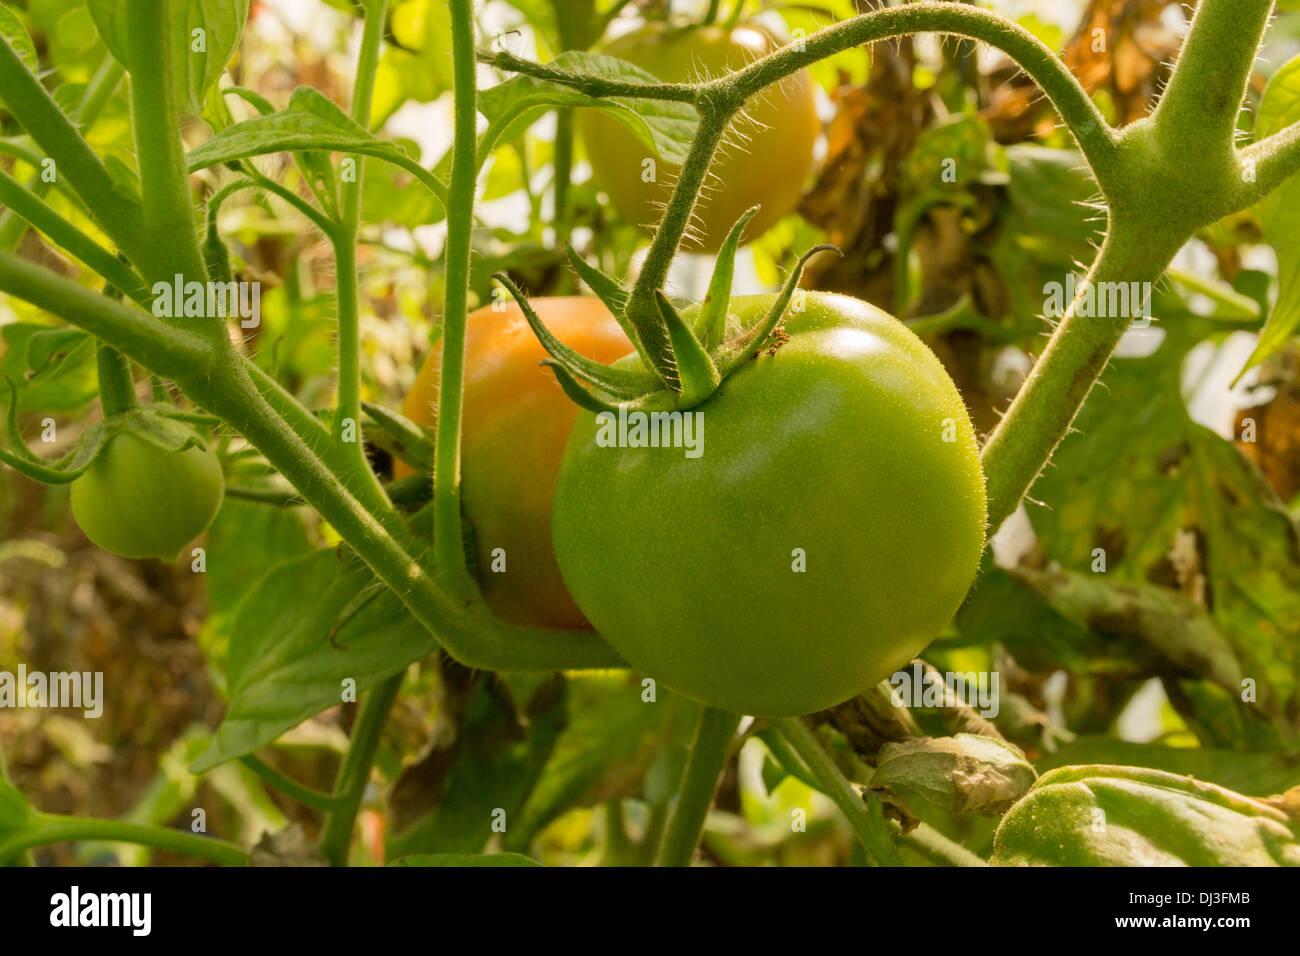 Green Marita 15 Tomato (Solanum lycopersicum) - Stock Image